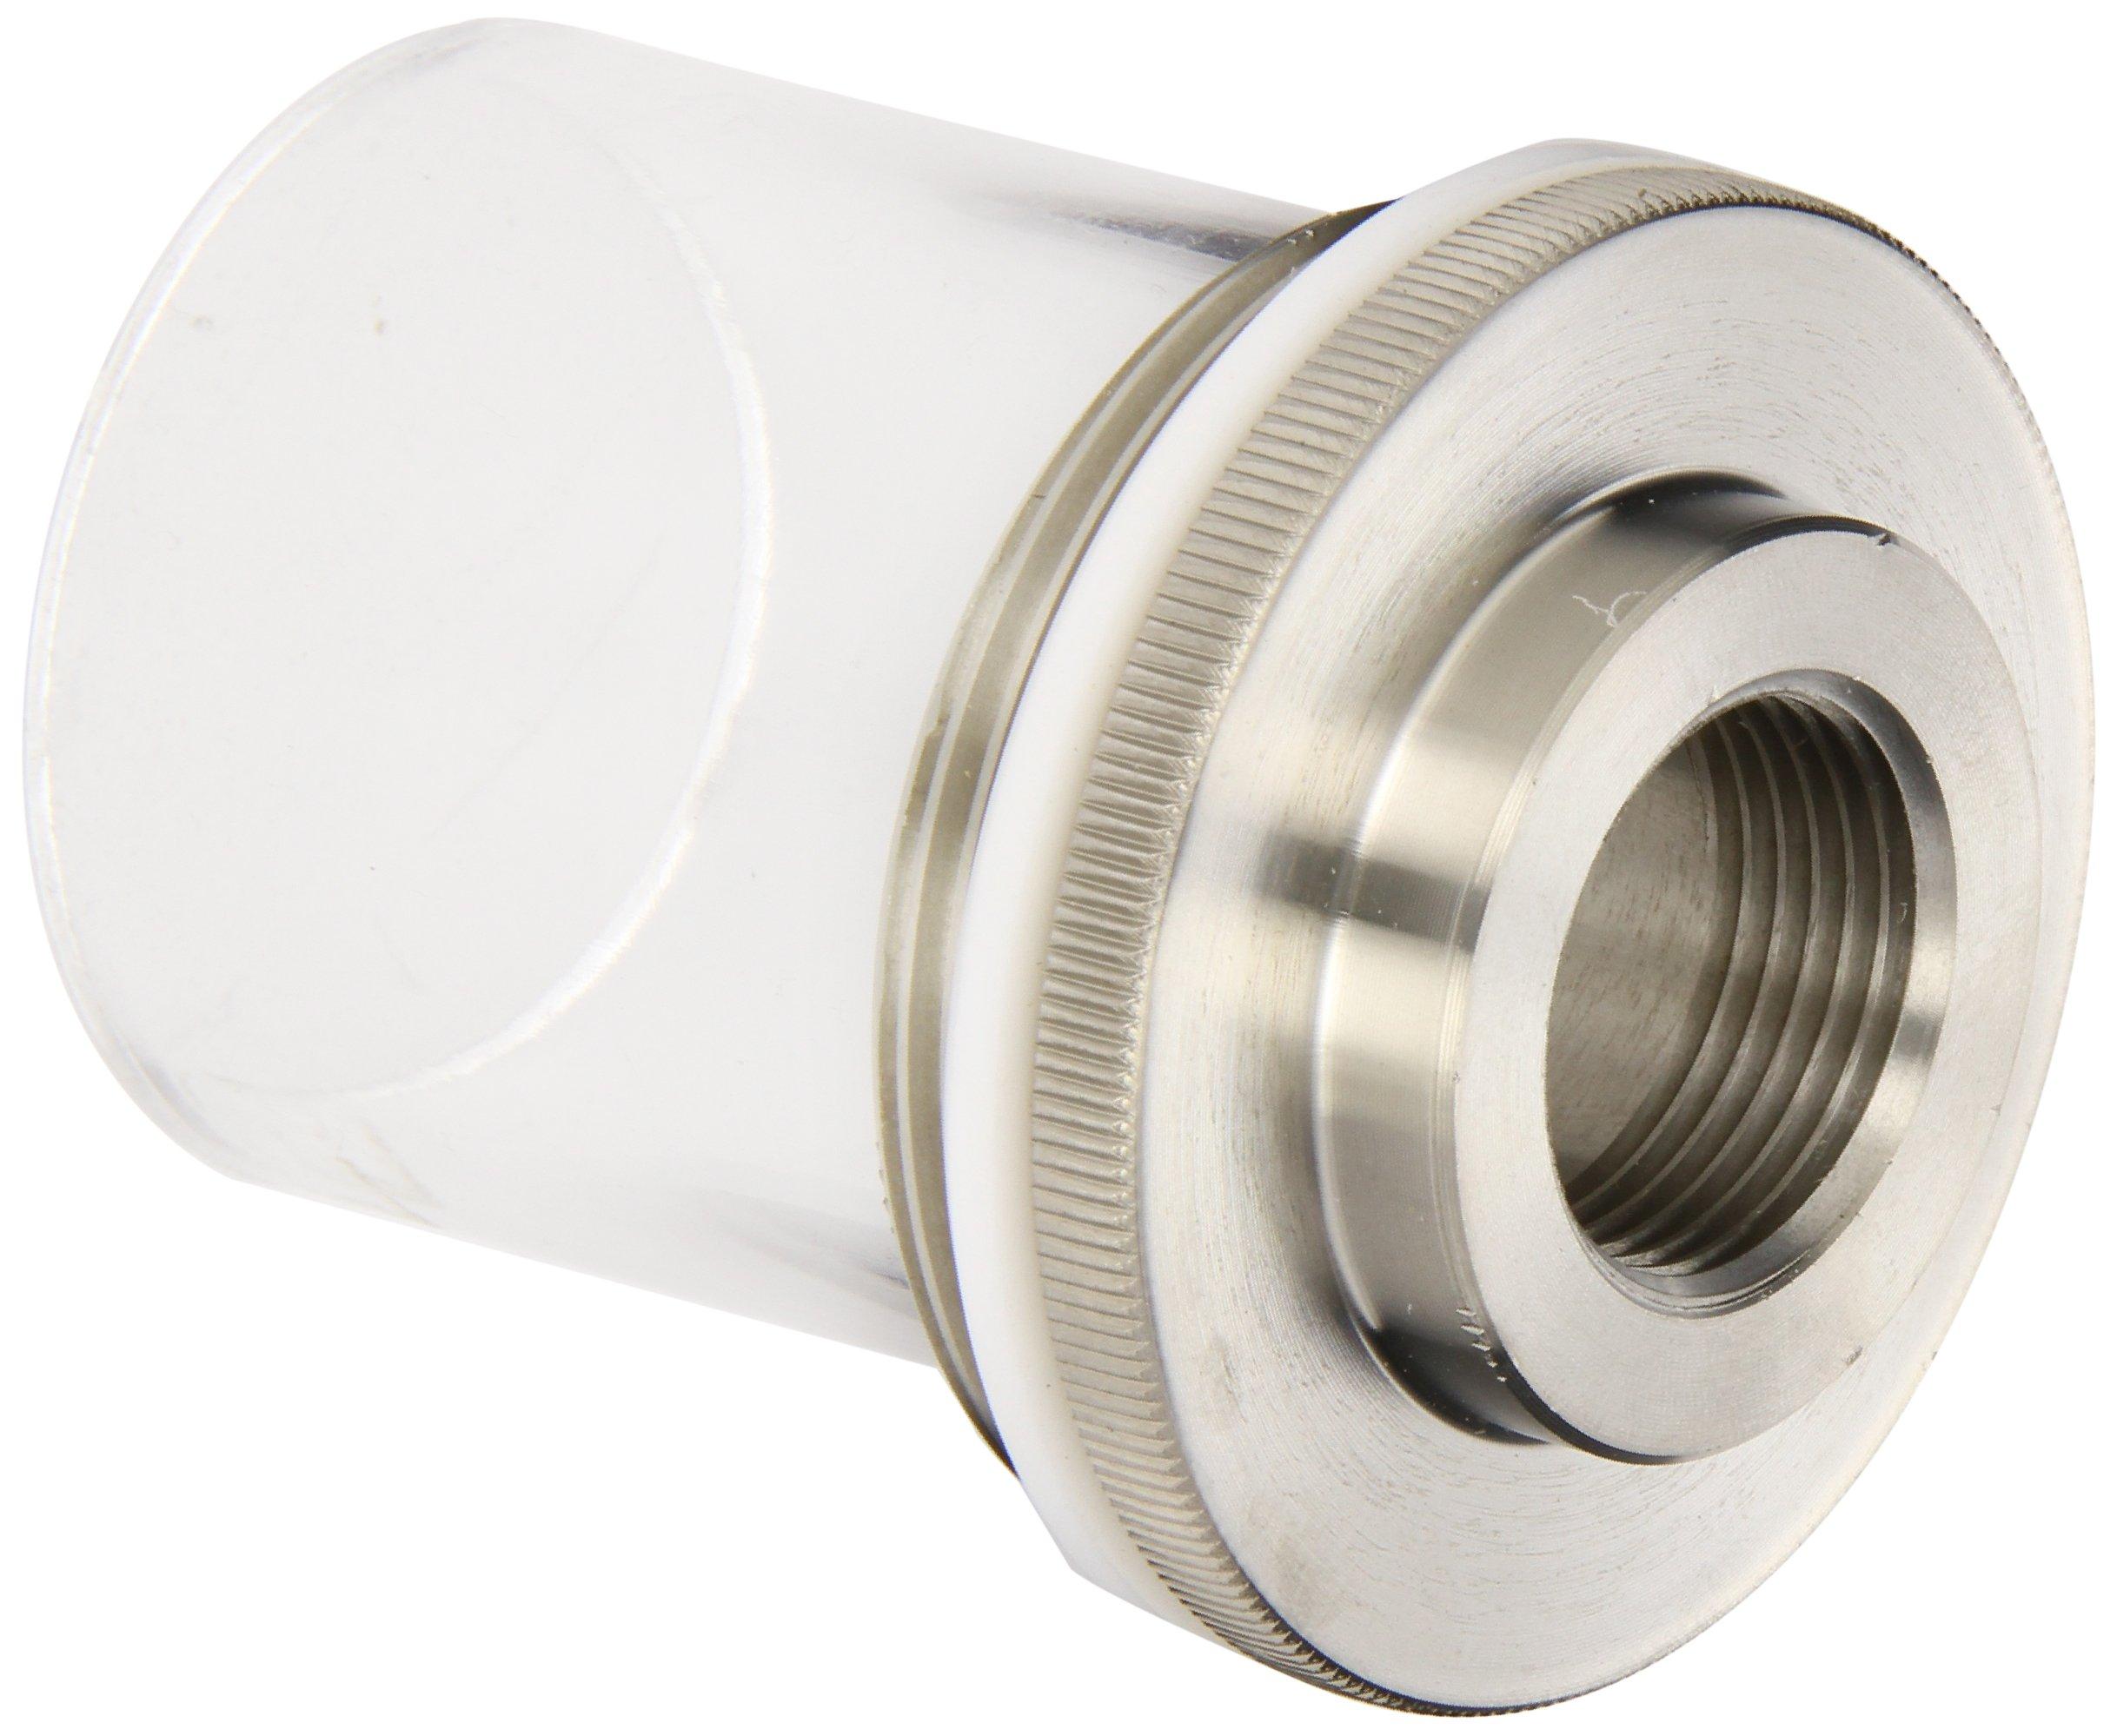 BrandTech 704270 Stainless Steel Thread Adapter, 2'' O.D.